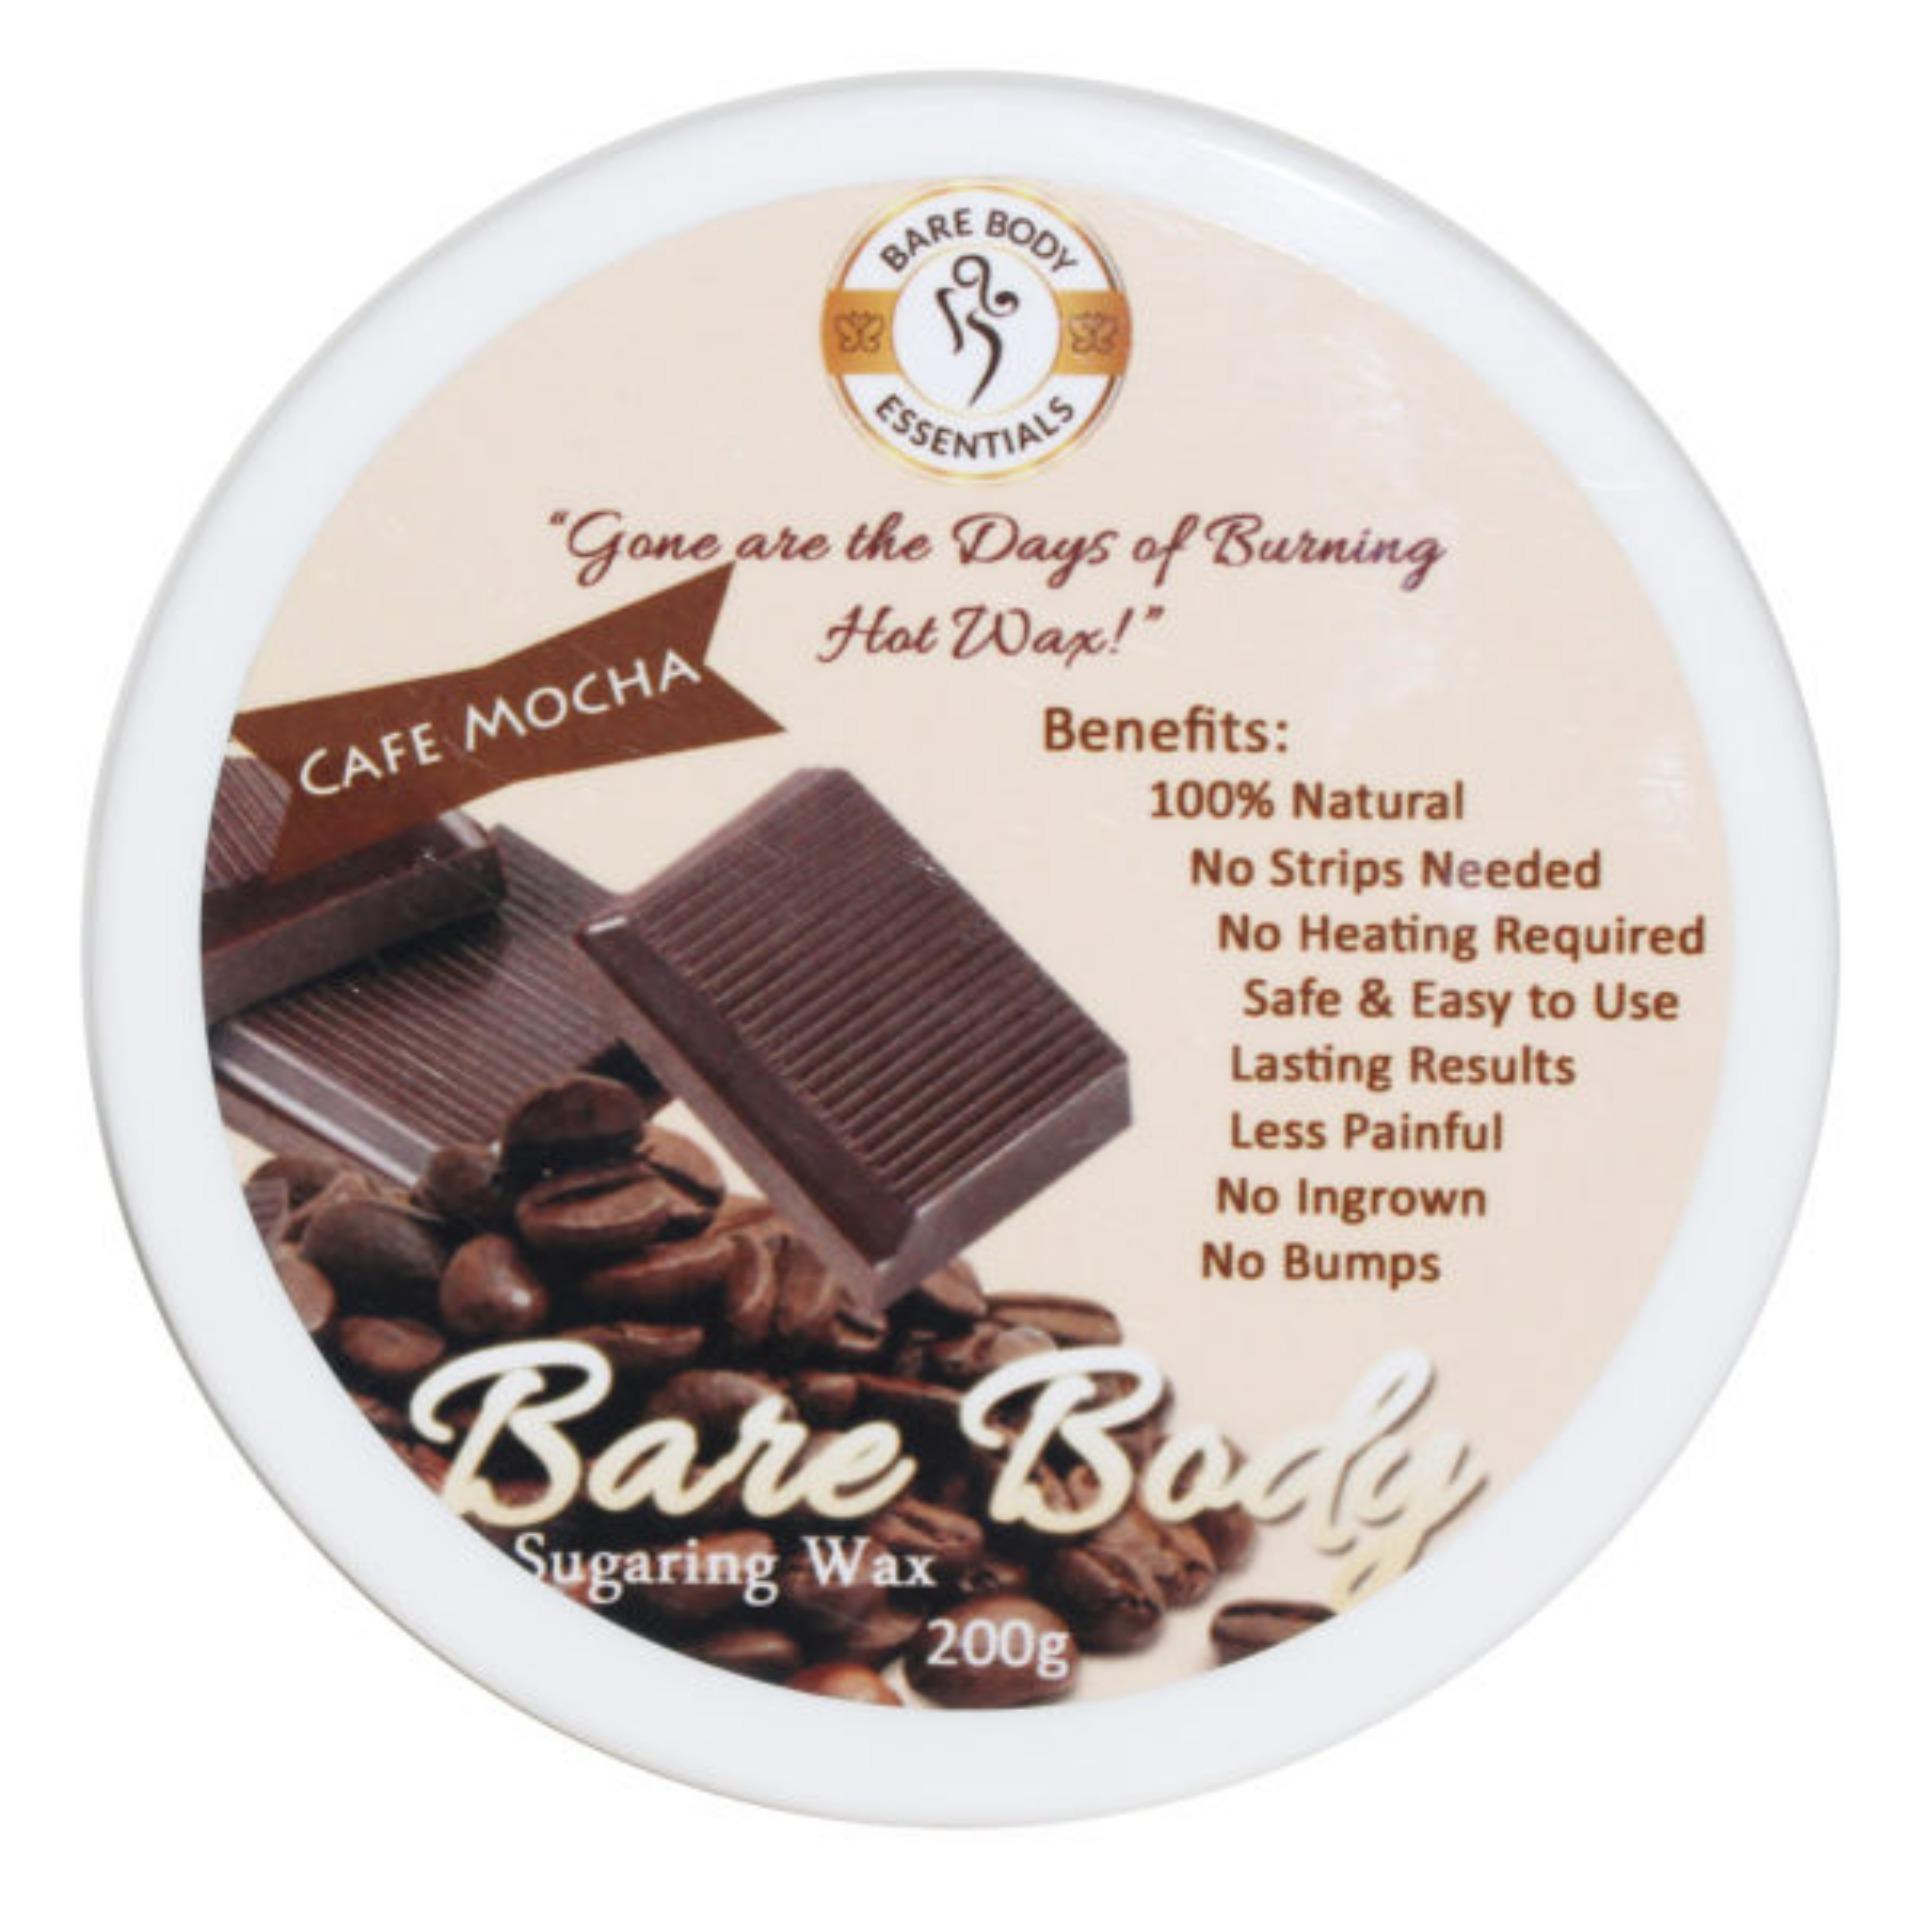 Barebody Sugar Wax CafeMocha 200g